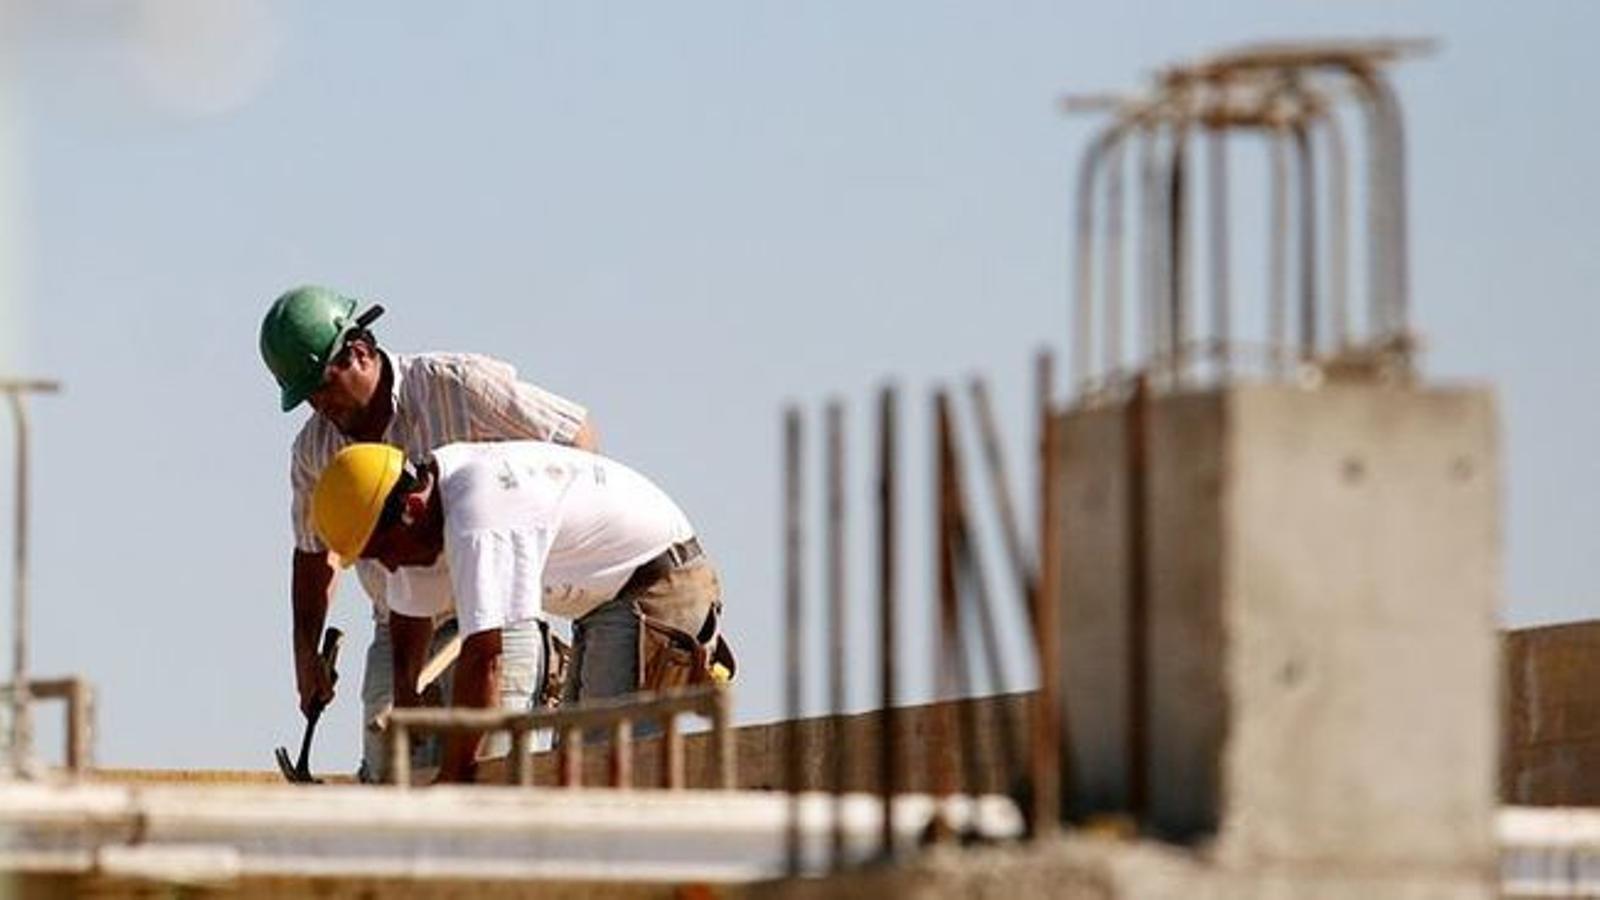 La construcció és el sector amb més sinistralitat laboral a Balears.